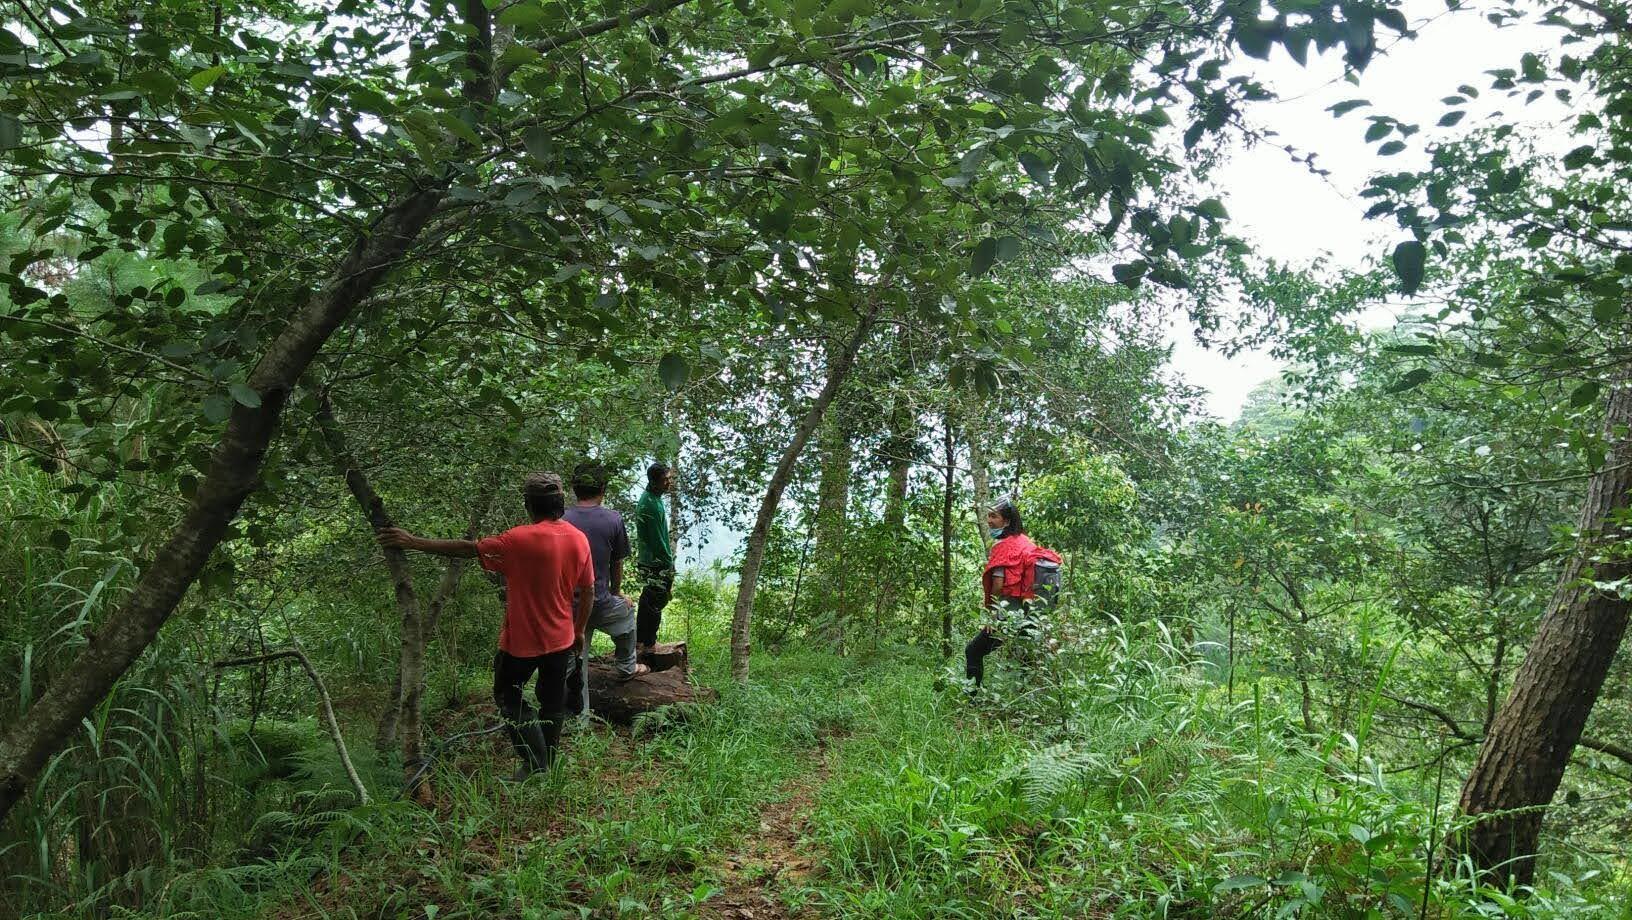 フィリピン・ベンゲット州における鉱山開発地域の森林再生事業〈中間報告〉_b0128901_20354570.jpg